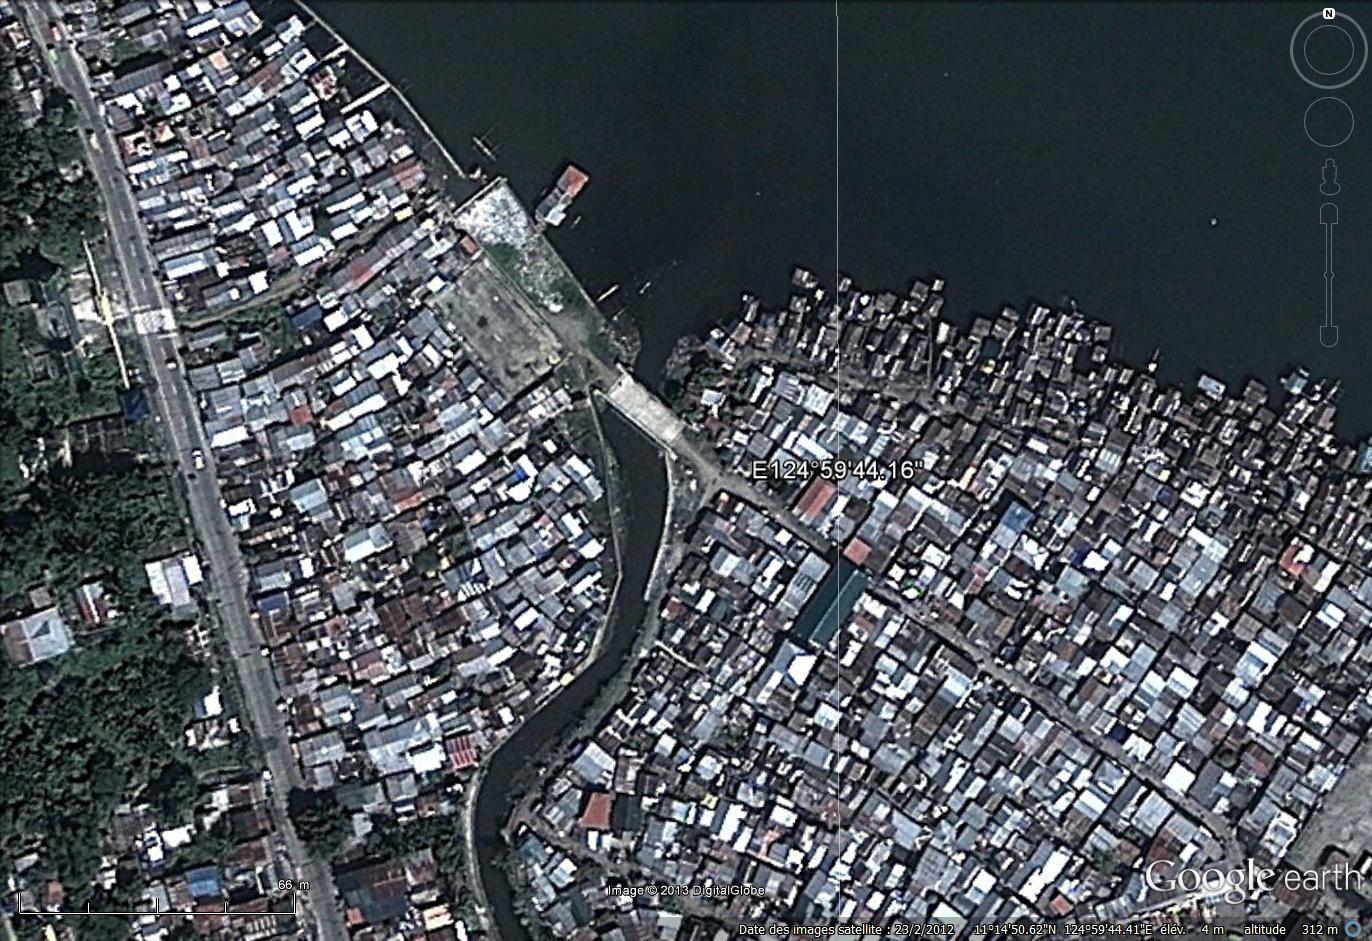 De fortes densité de population (imagerie Google)